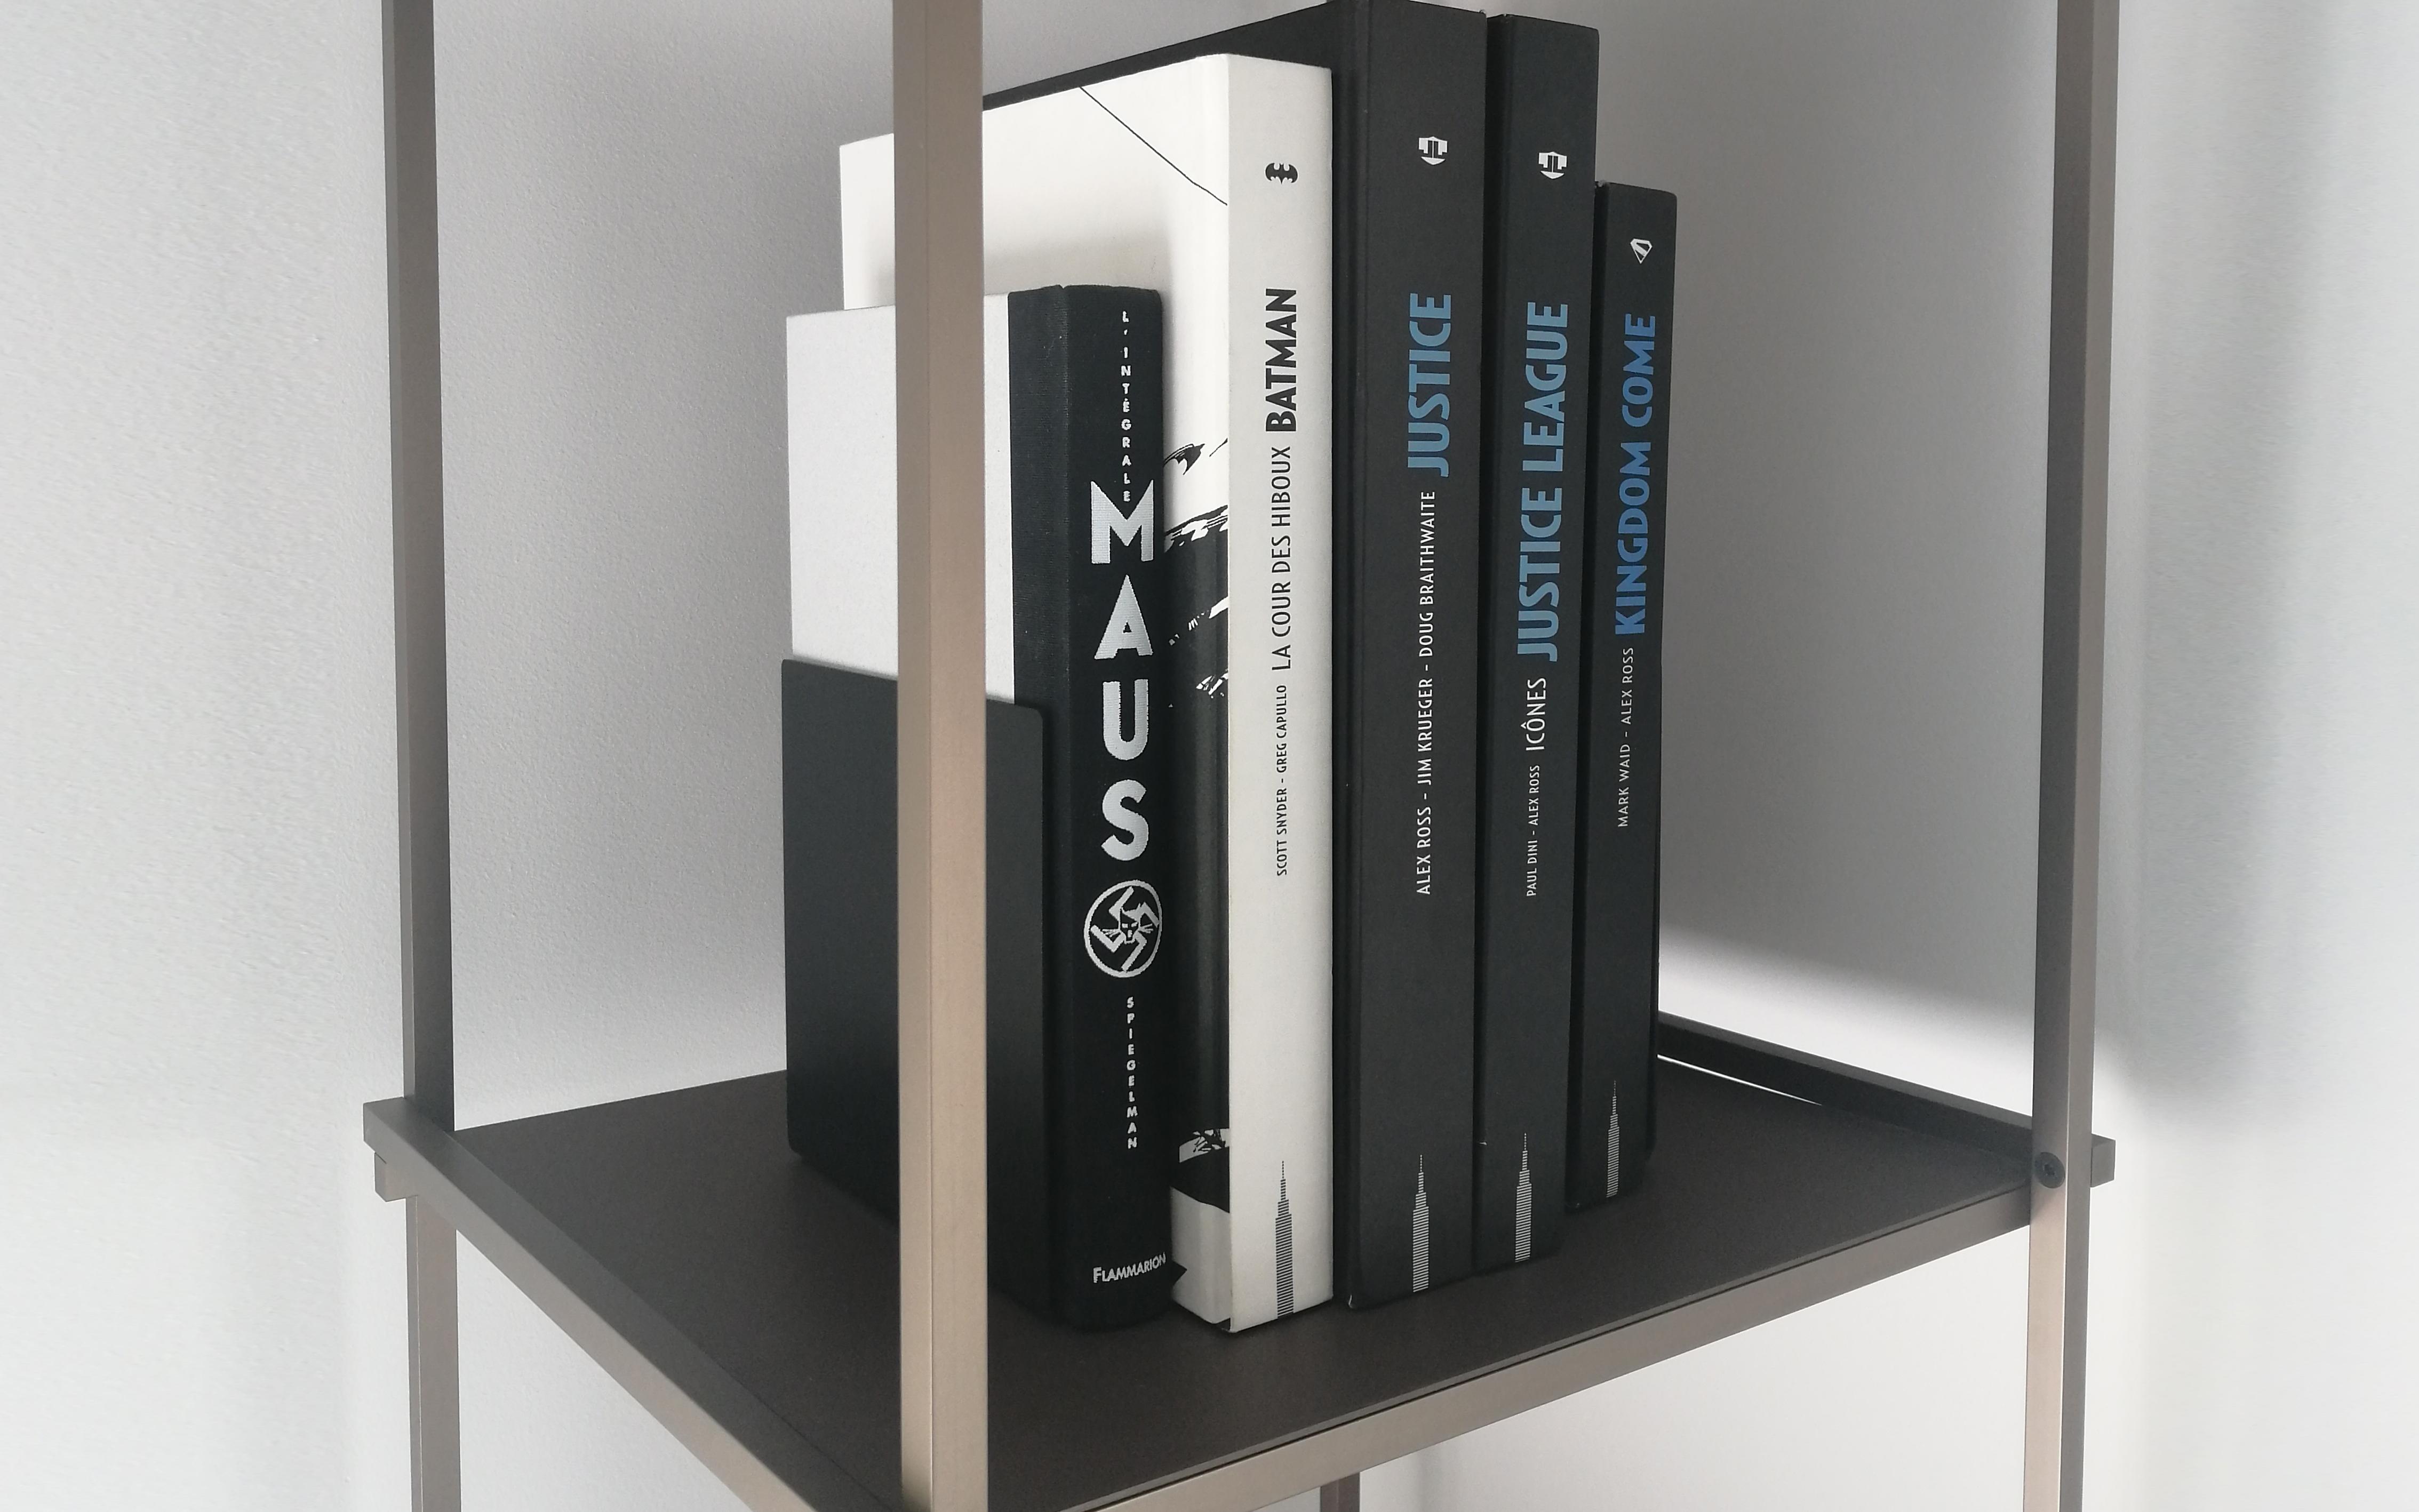 Serre-livres design en aluminium Regula